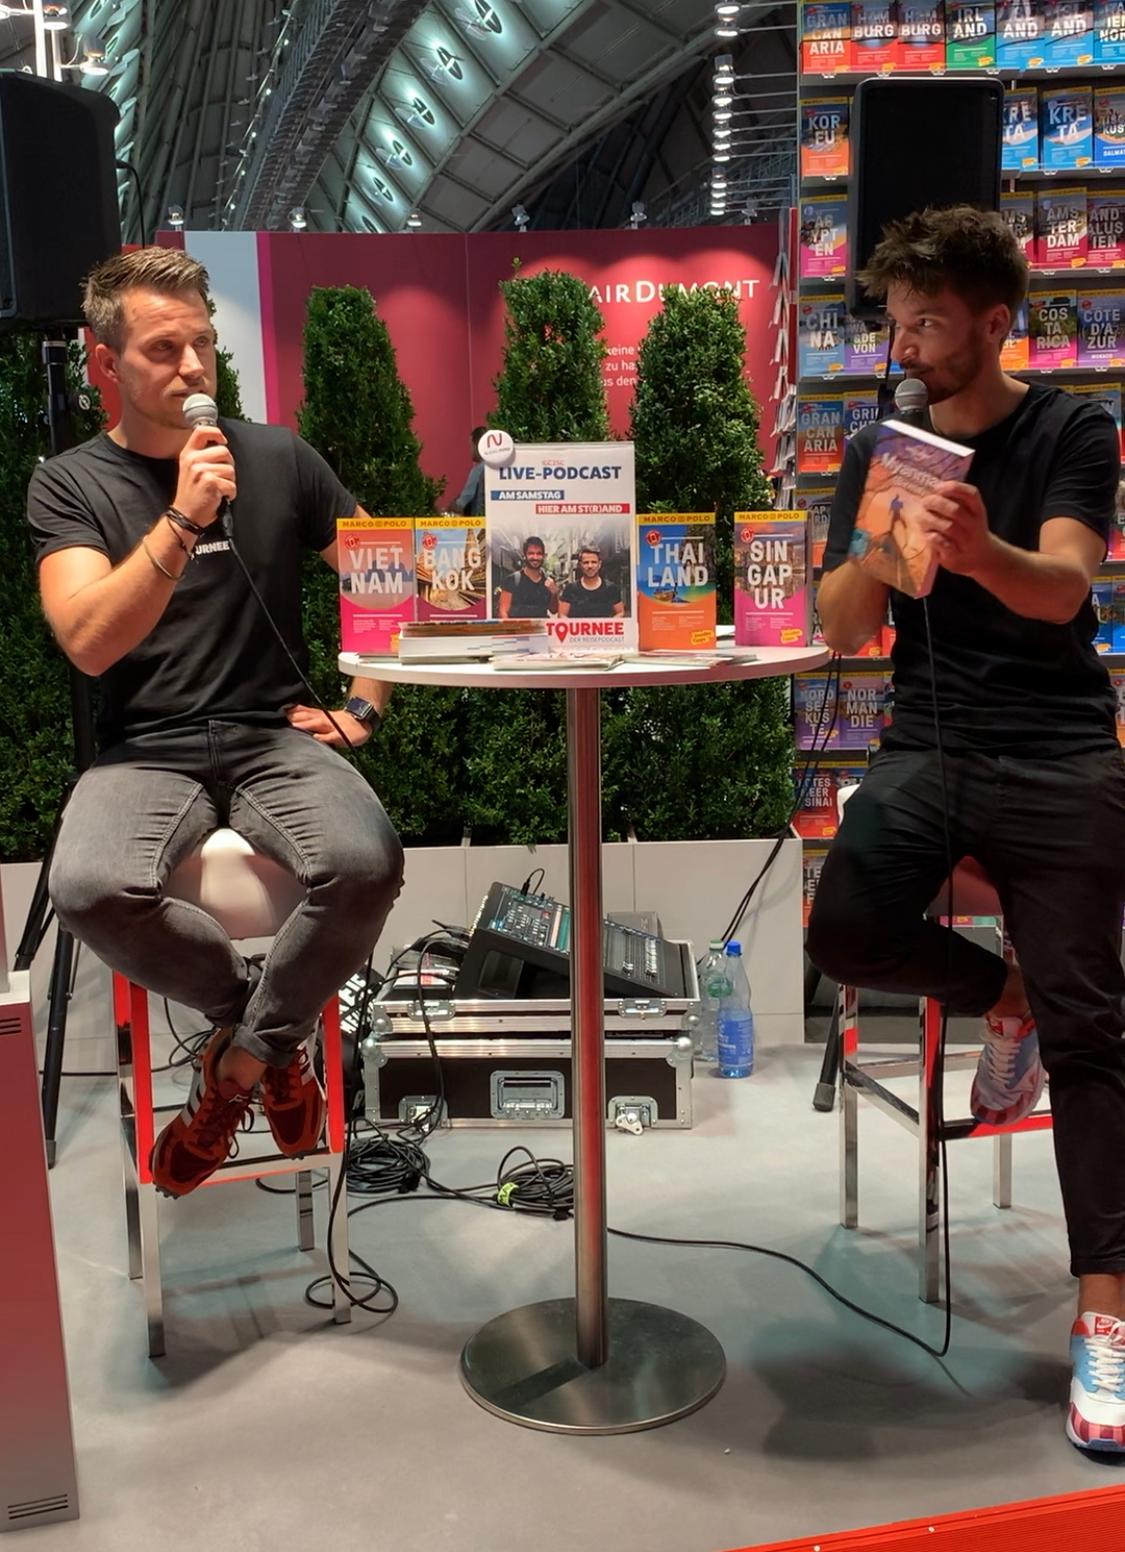 Der Reisepodcast auf der Buchmesse in Frankfurt